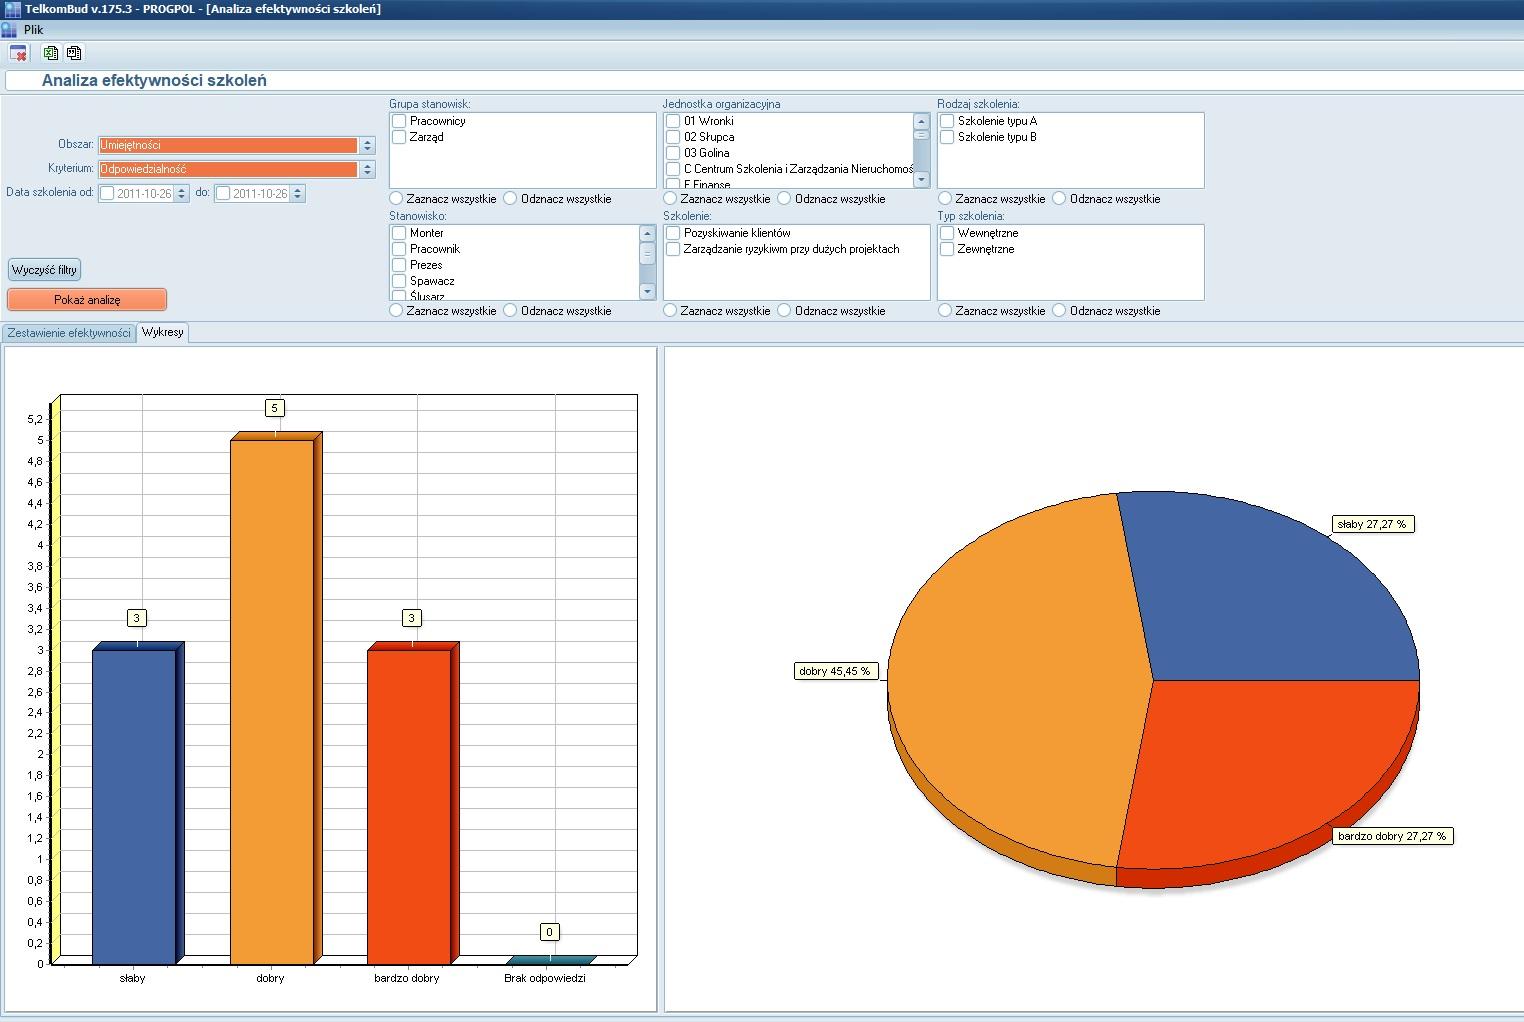 Okno Analiza efektywności szkoleń modułu Szkolenia w systemie TelkomBud